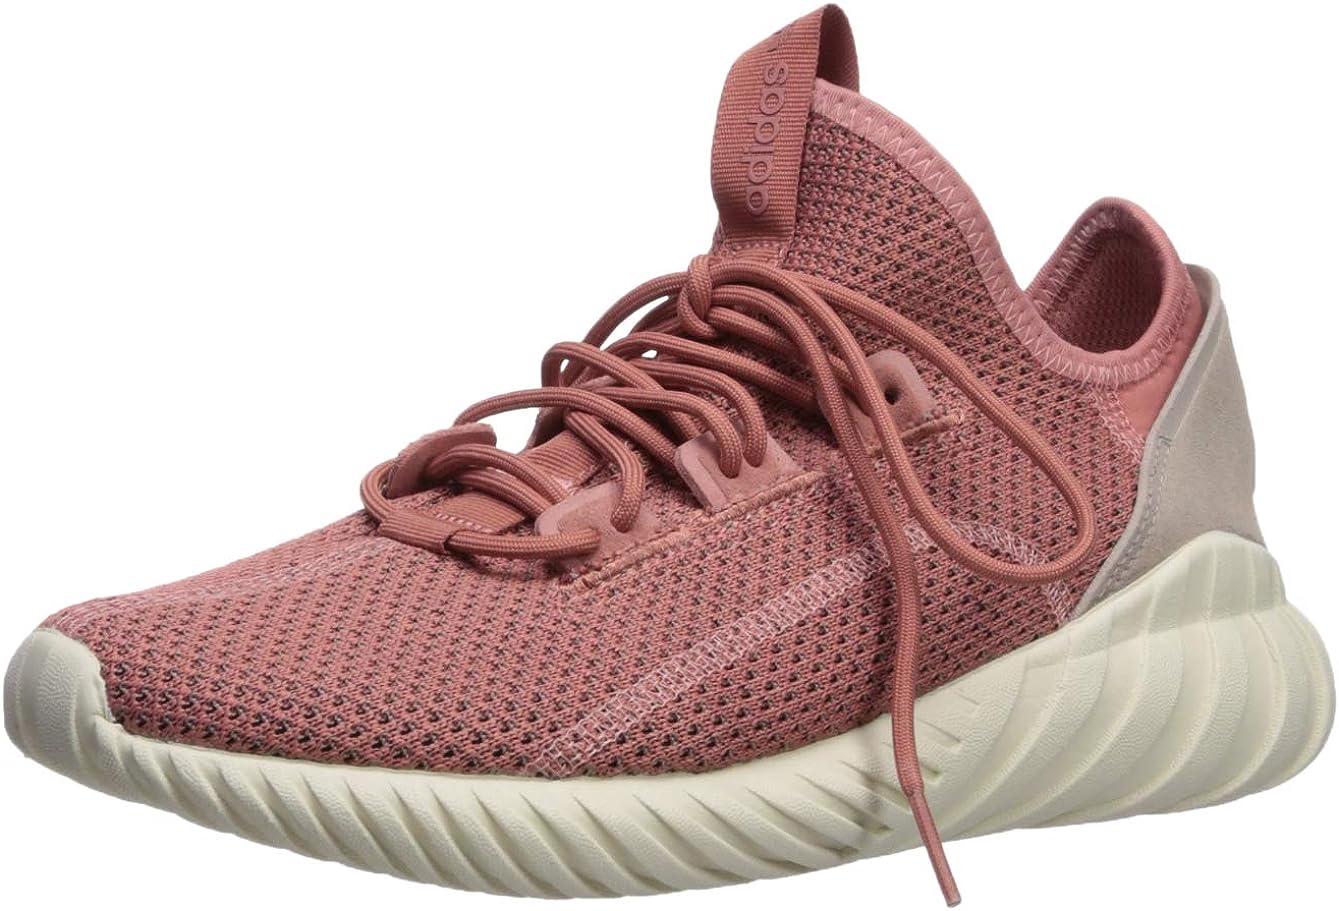 adidas Originals Unisex-Adult Tubular Doom Sock PK W Running Shoe